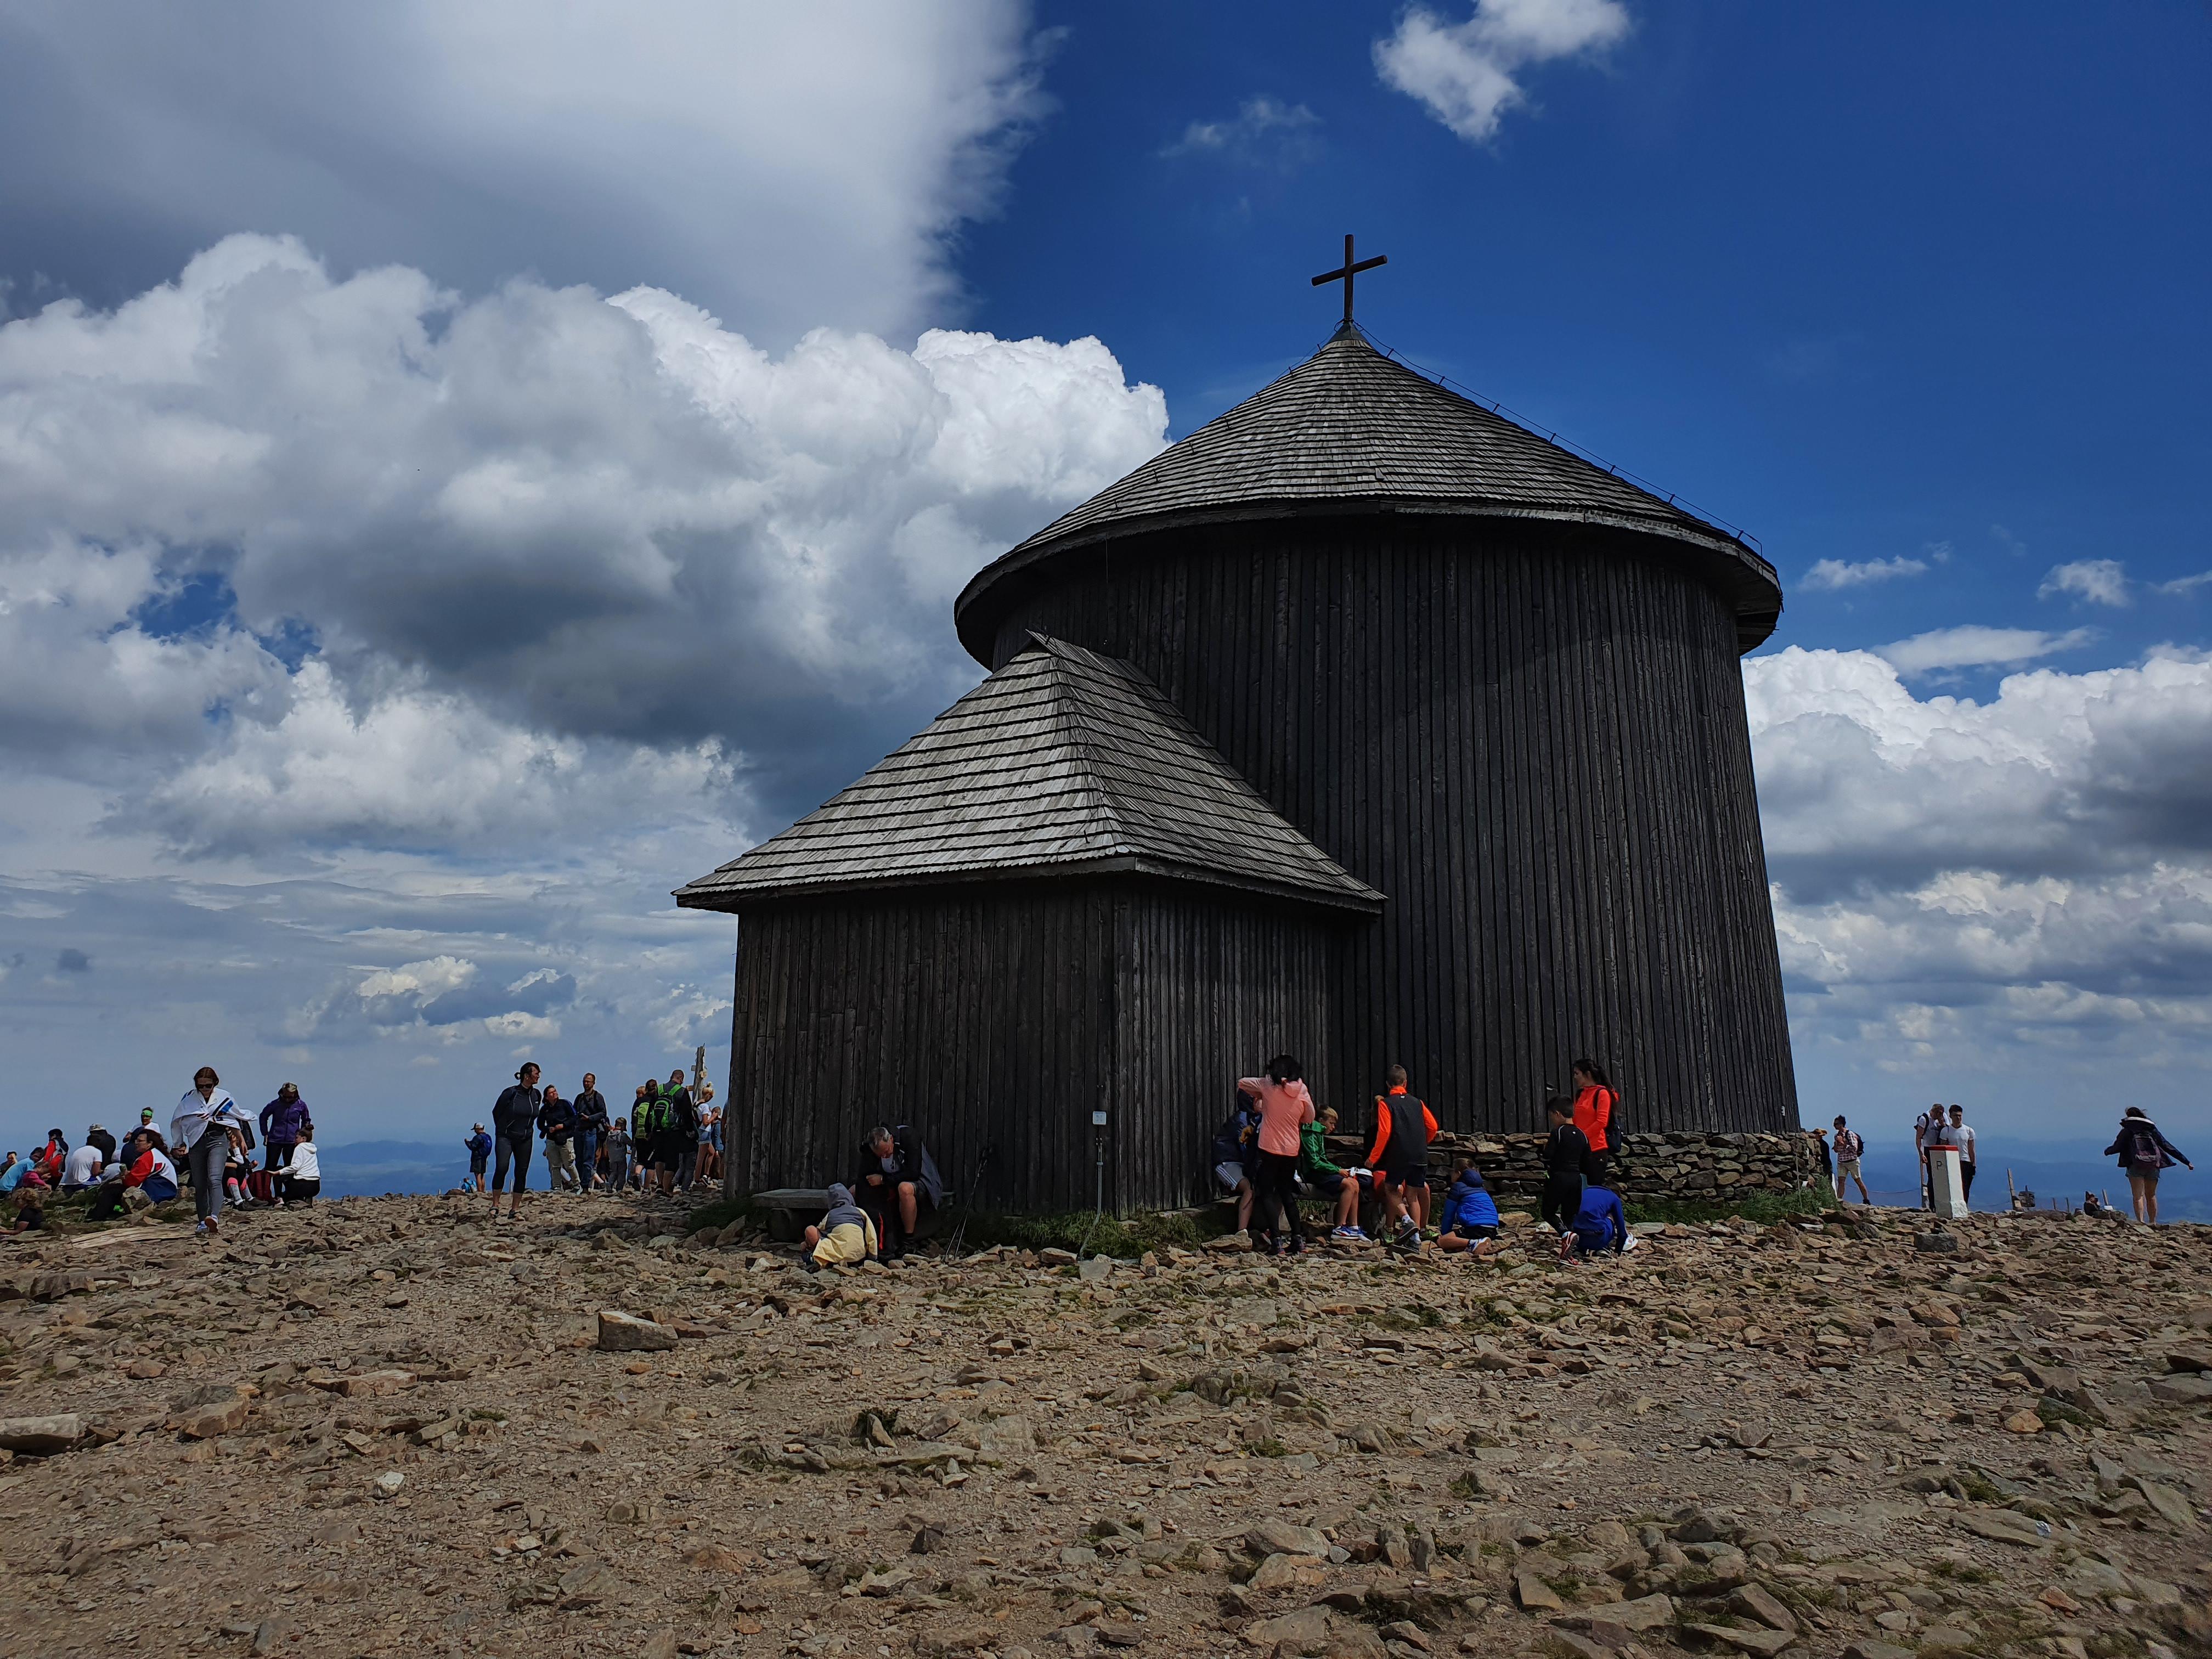 כנסייה על פסגת שנייז'קה